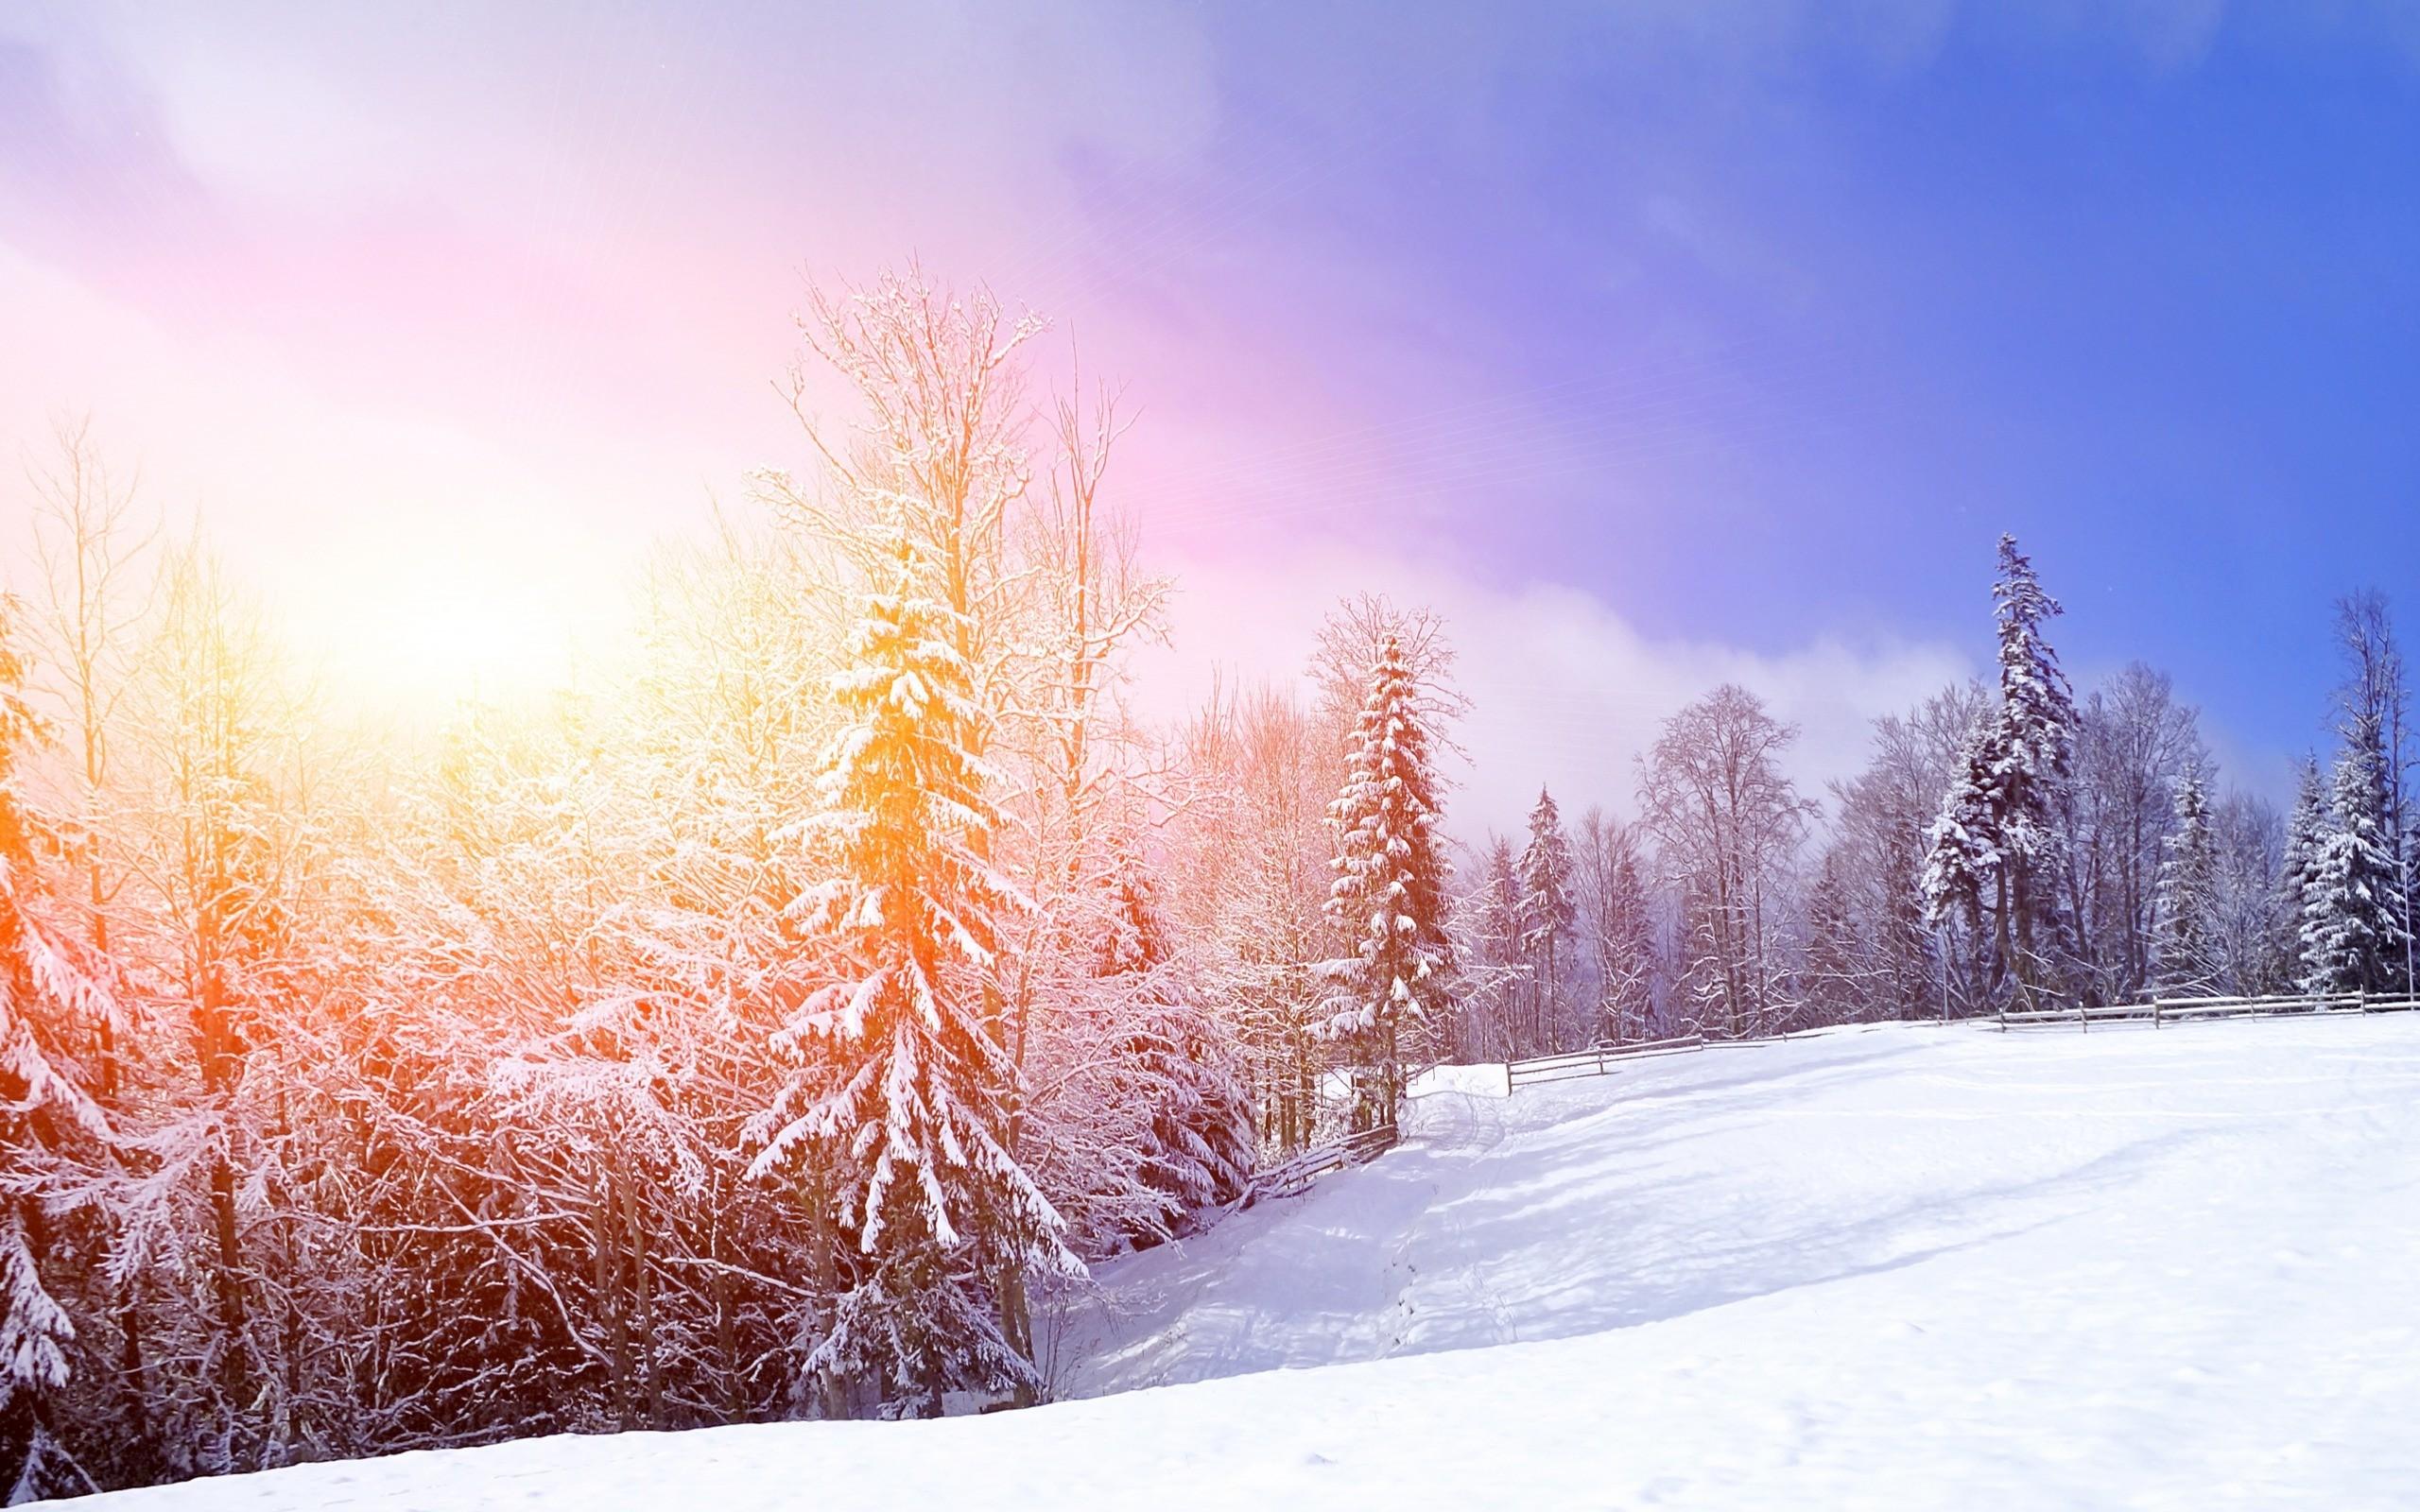 обои зима снежная на рабочий стол № 640817 без смс